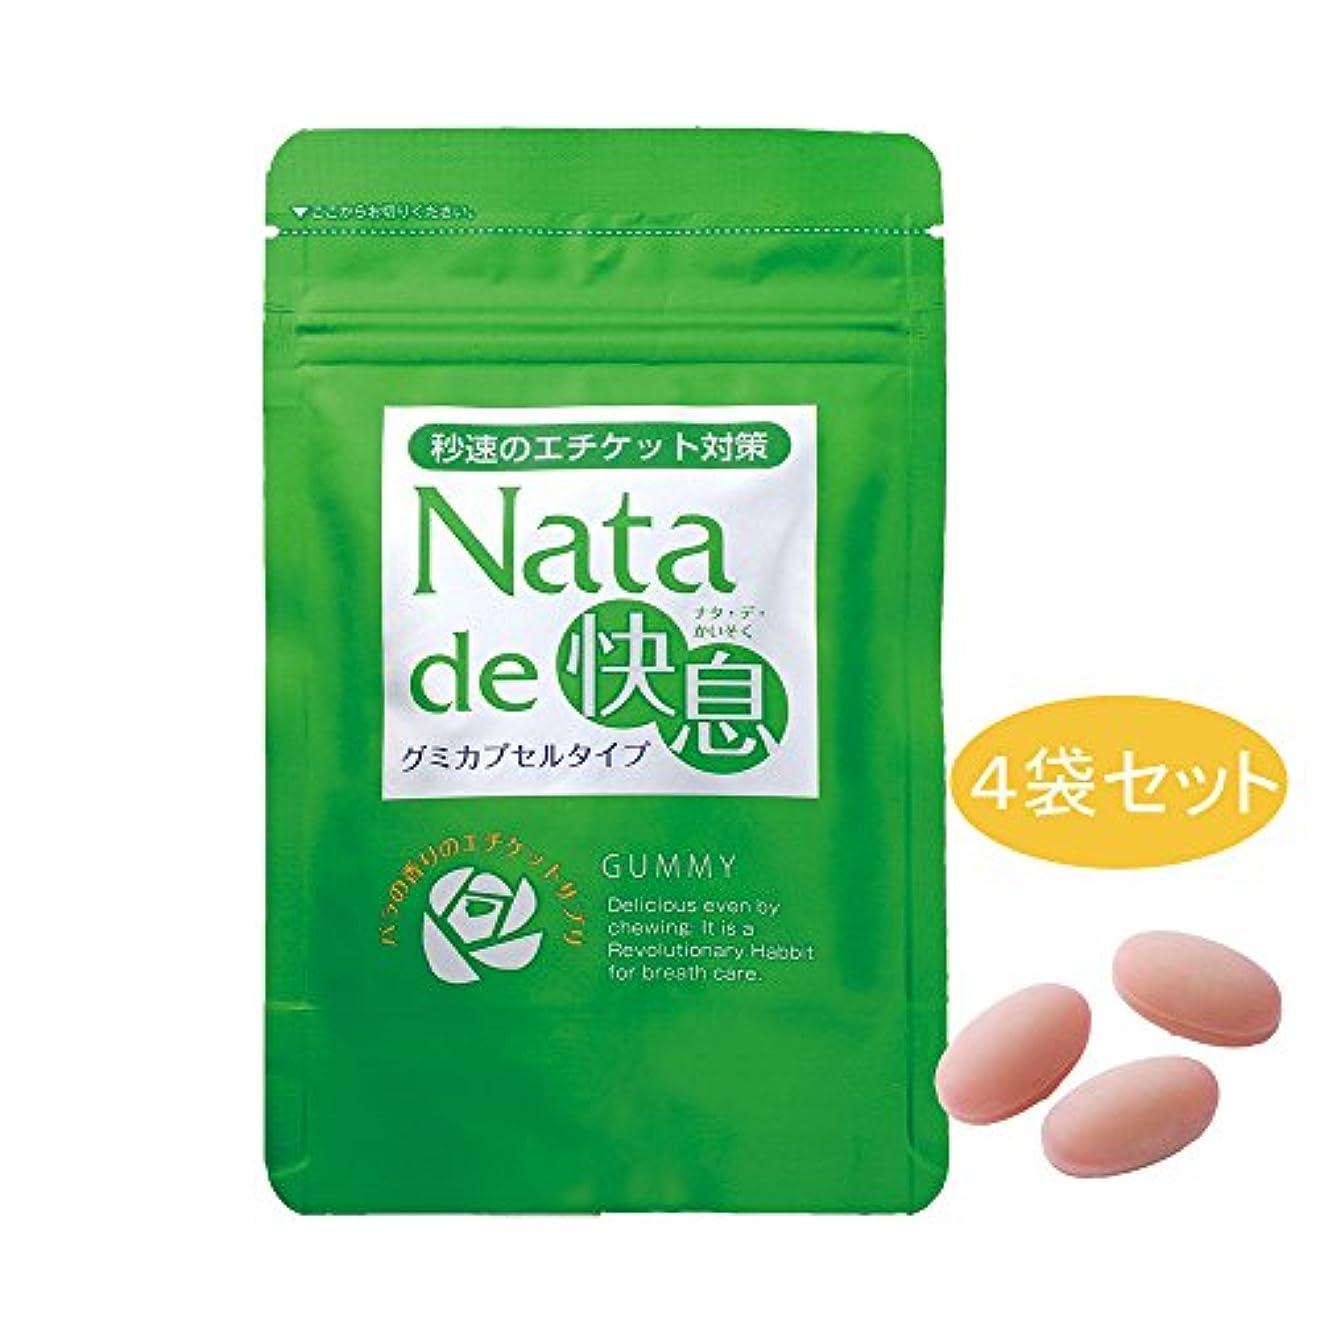 変装薬を飲むクレデンシャルナタデ快息 バラの香り 4袋